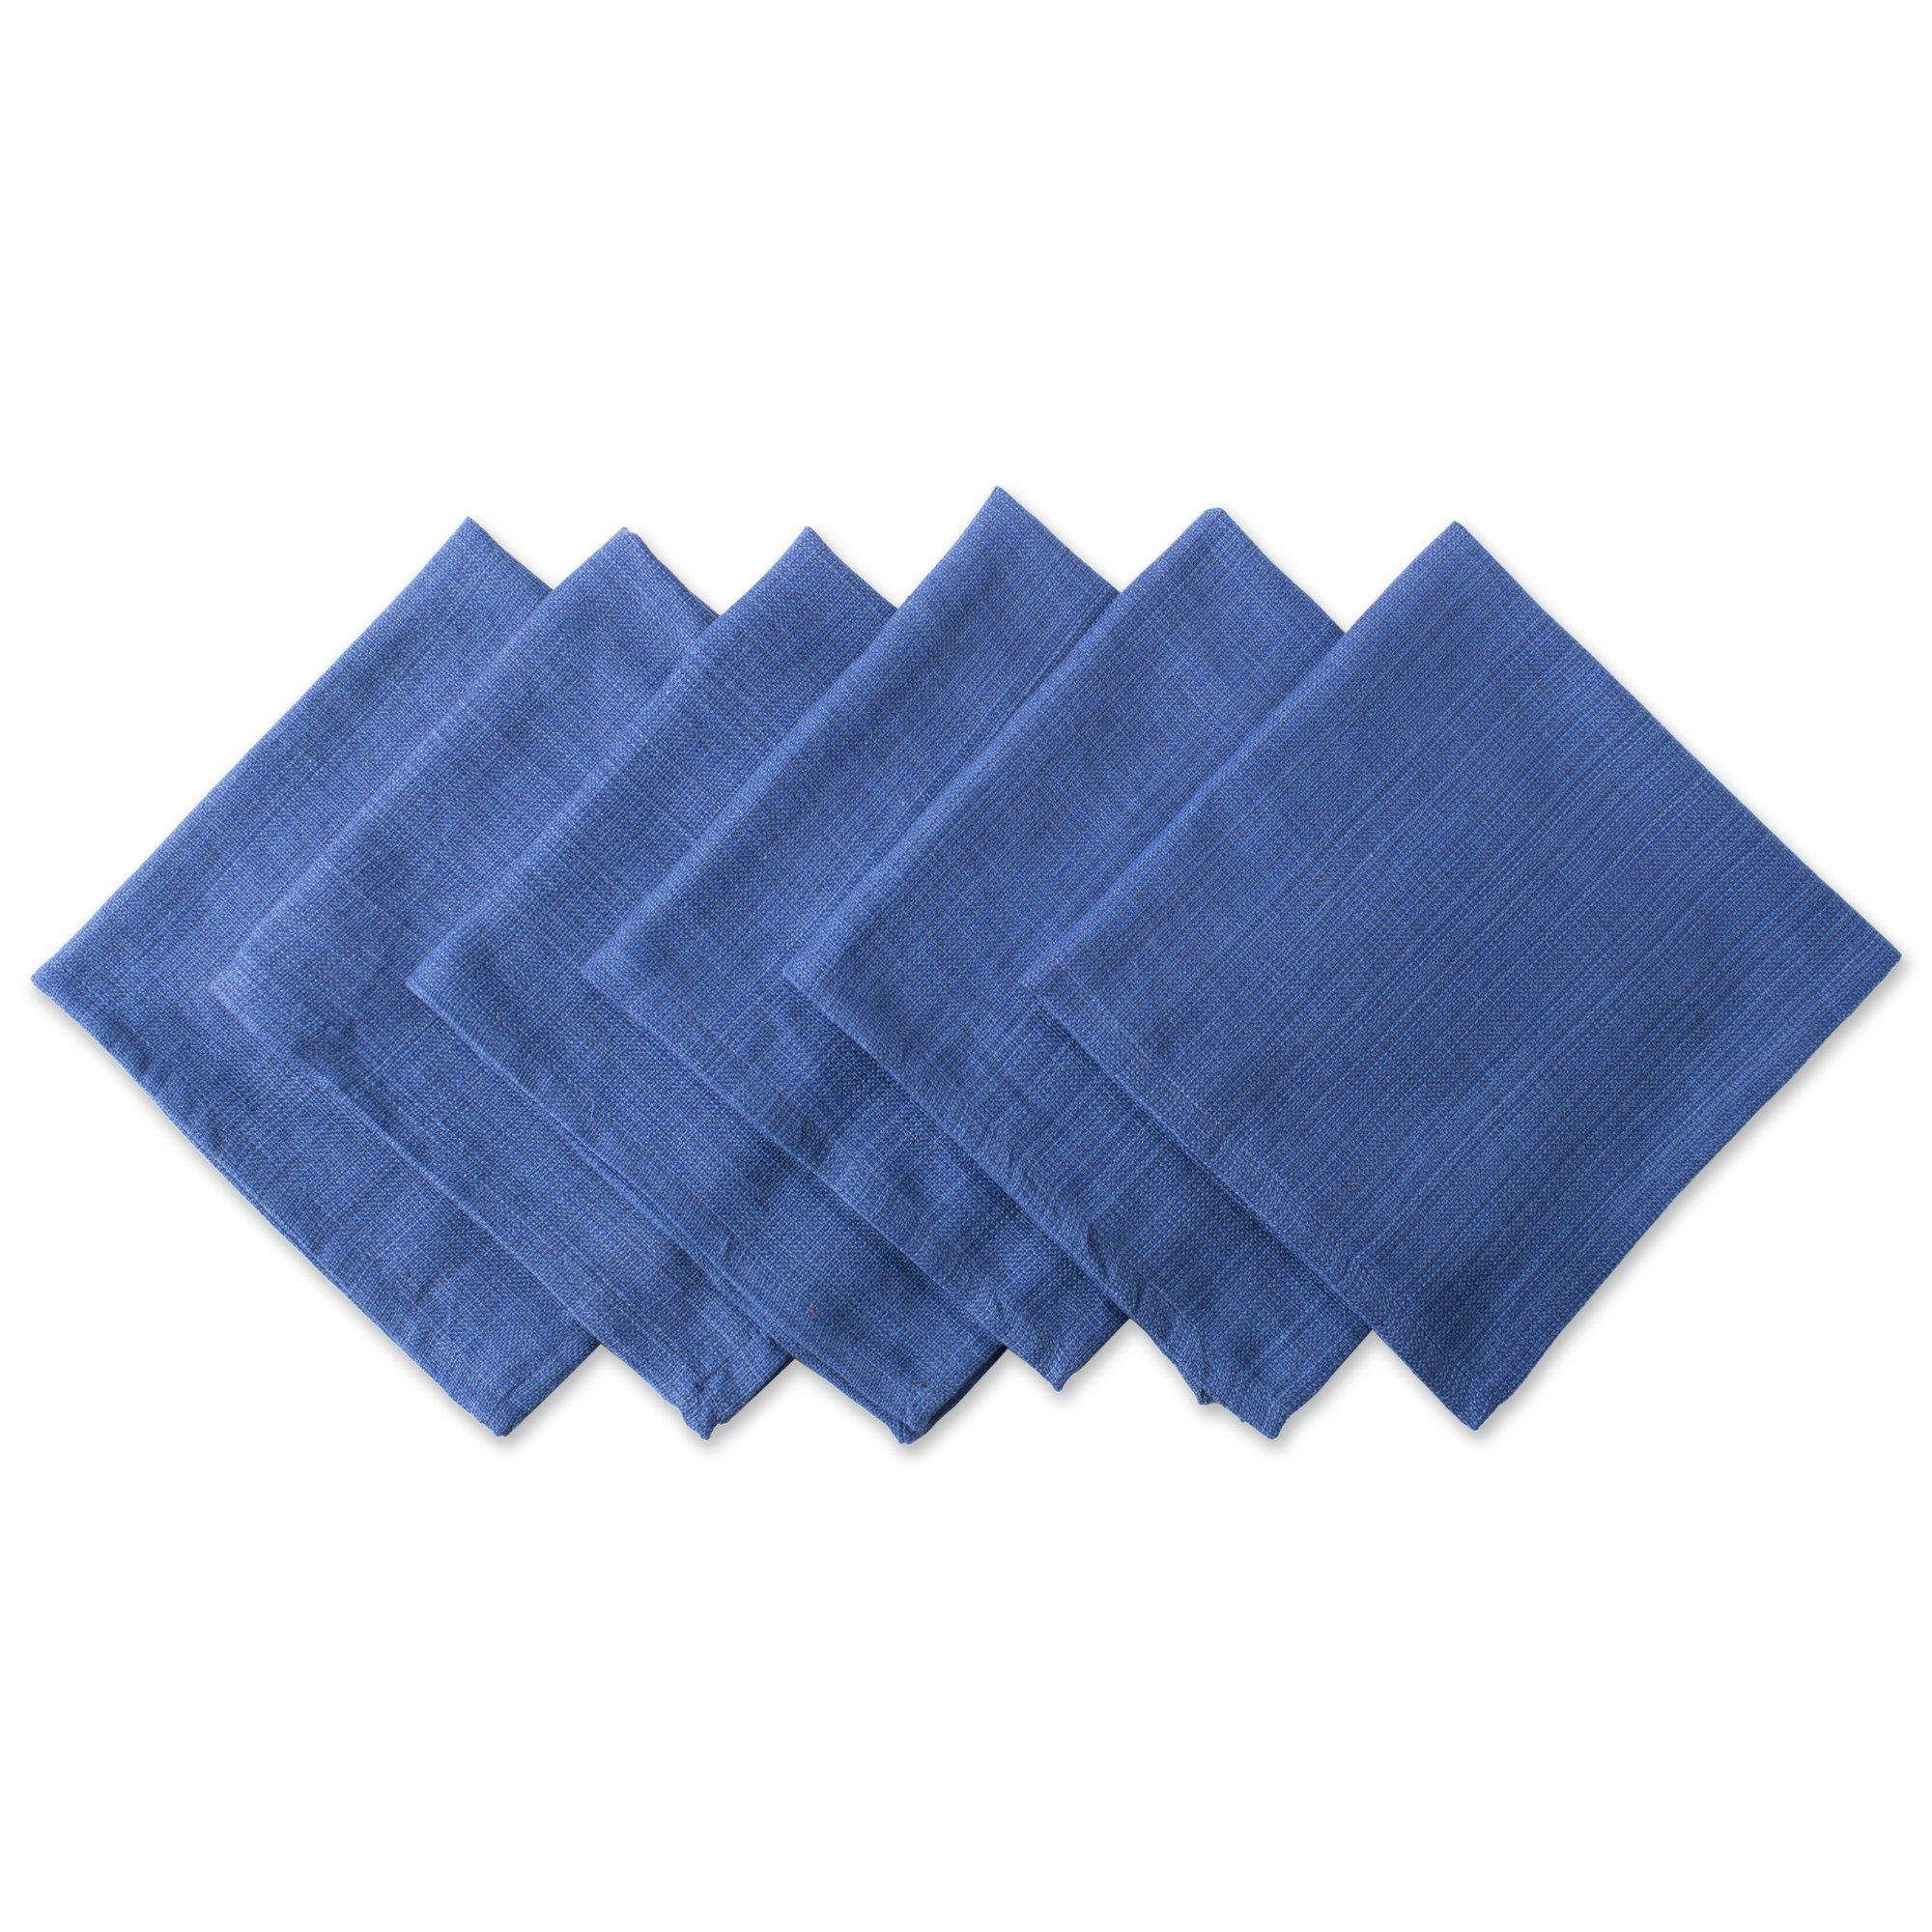 DII 100% Cotton, Oversized Basic Everyday 20x 20'' Napkin, Set of 6,Nautical Blue